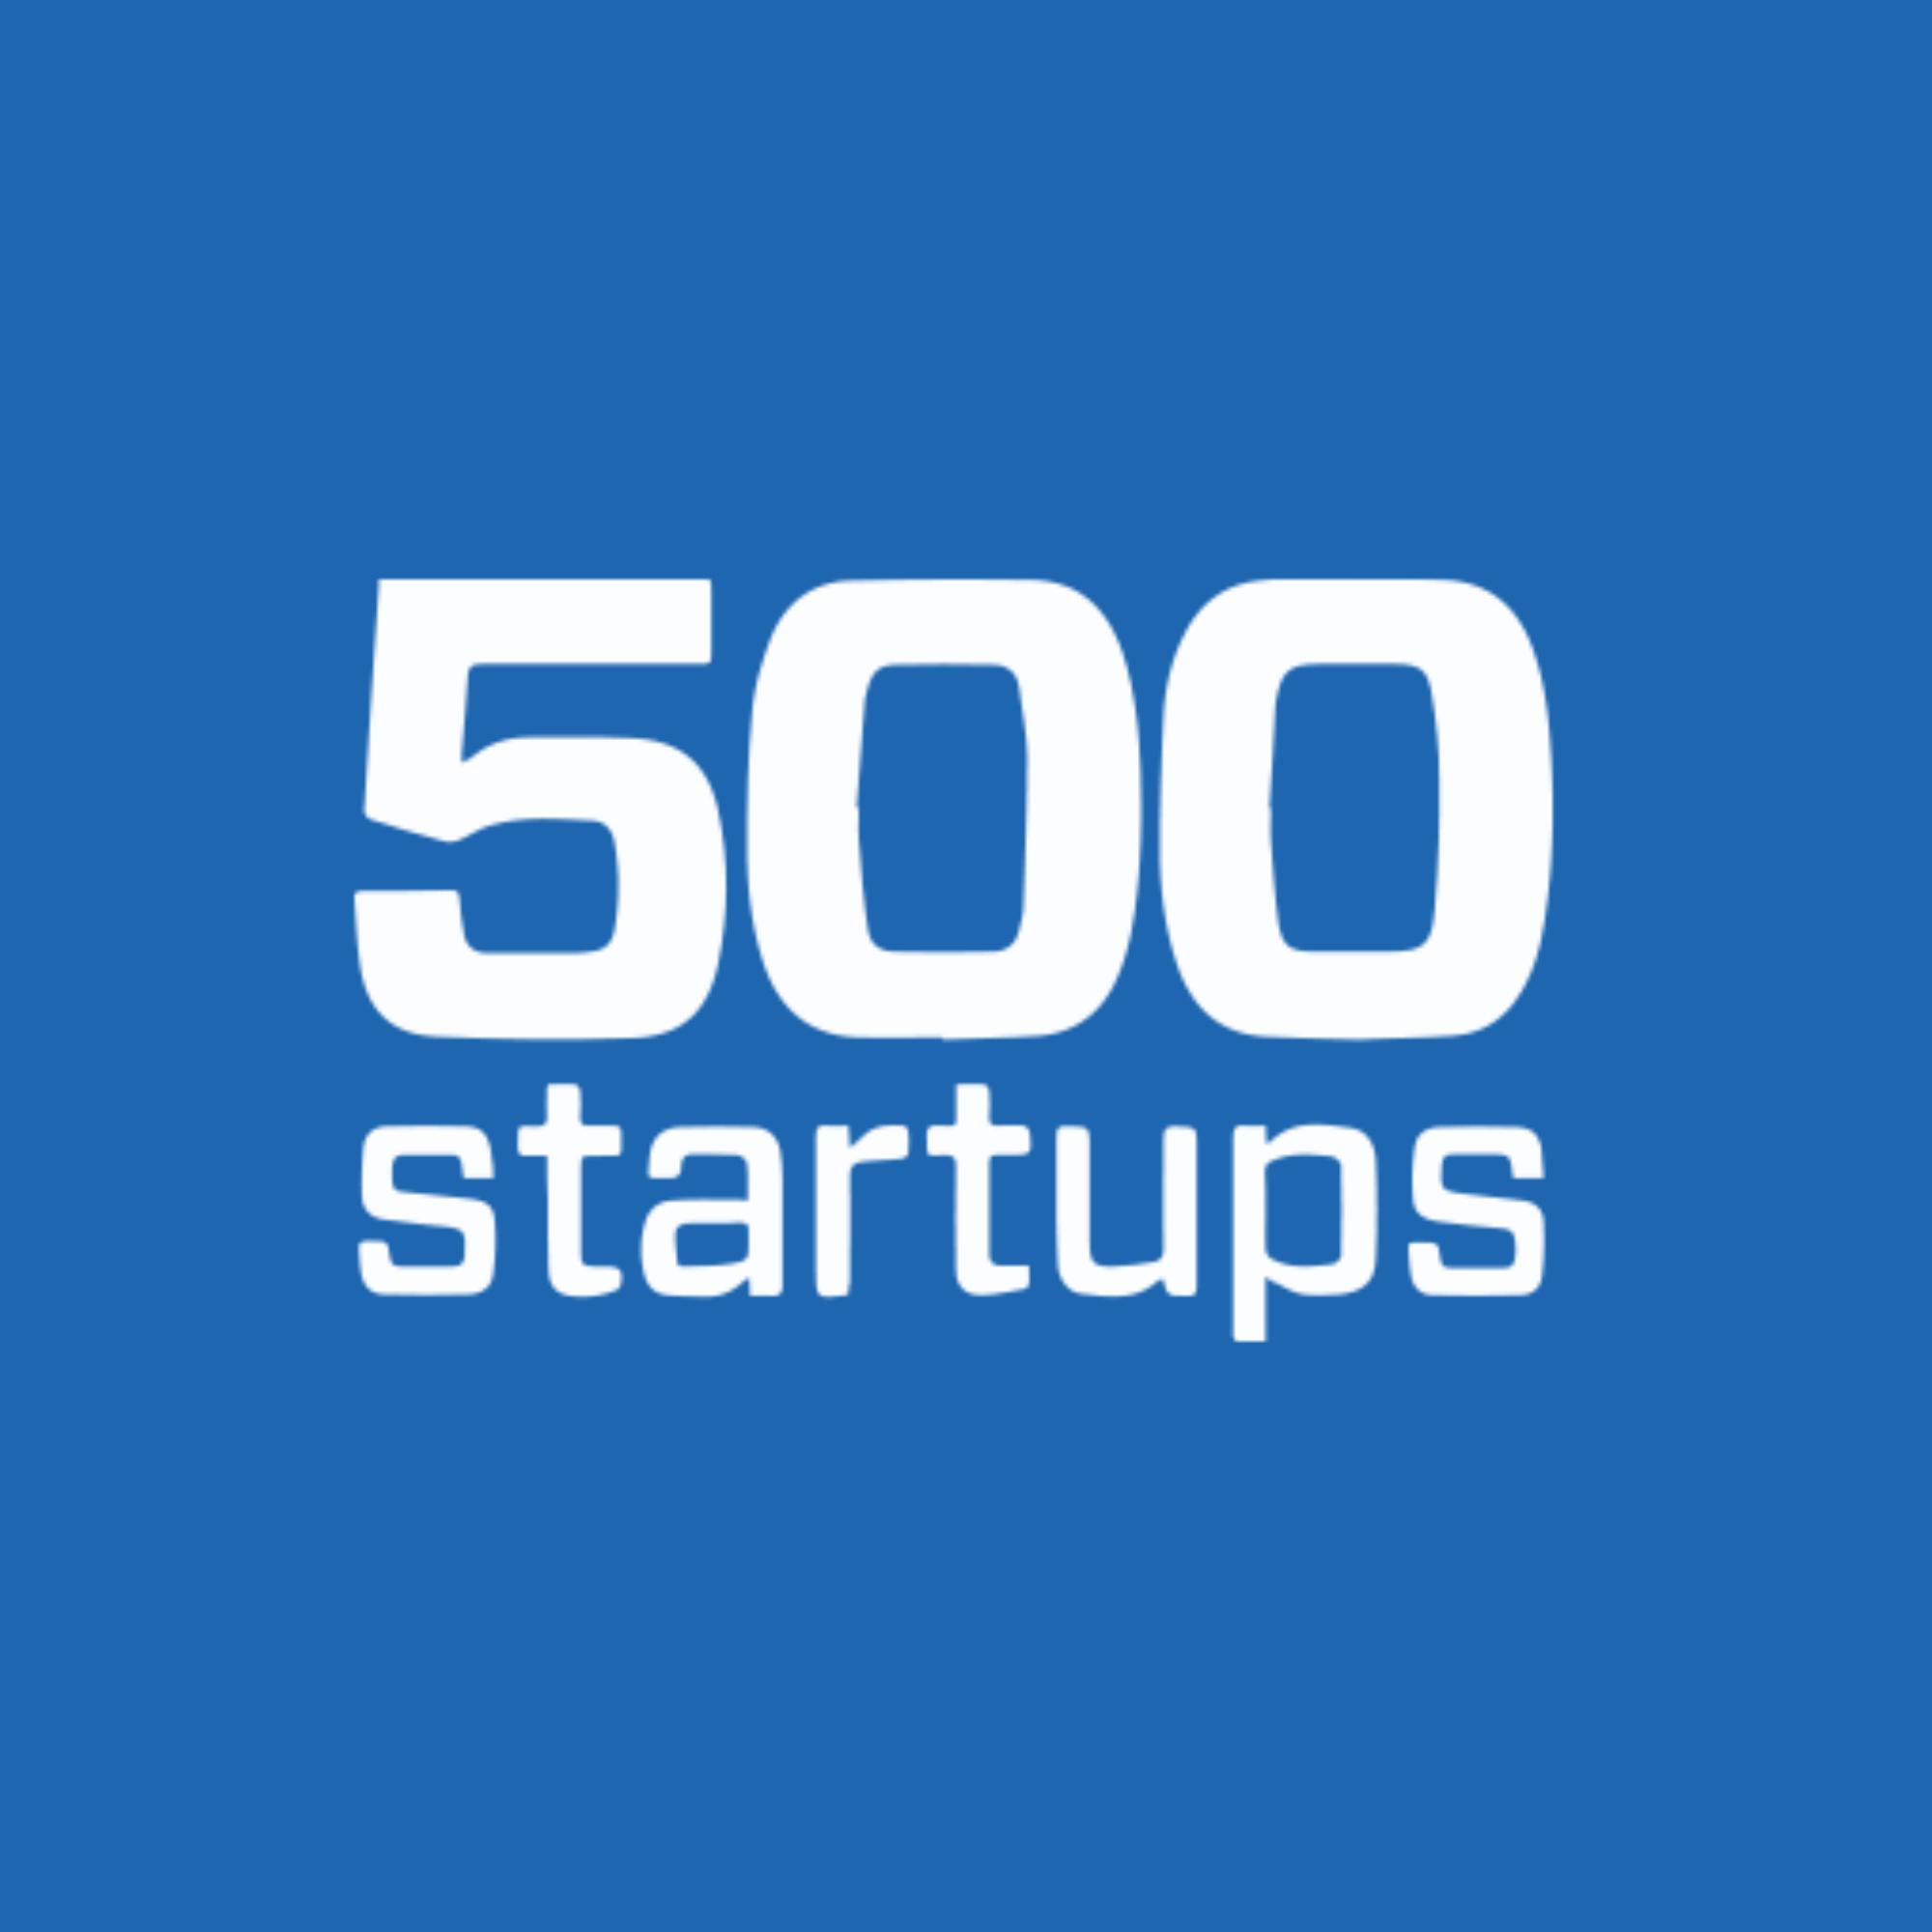 blue - 500 startups-2.jpg